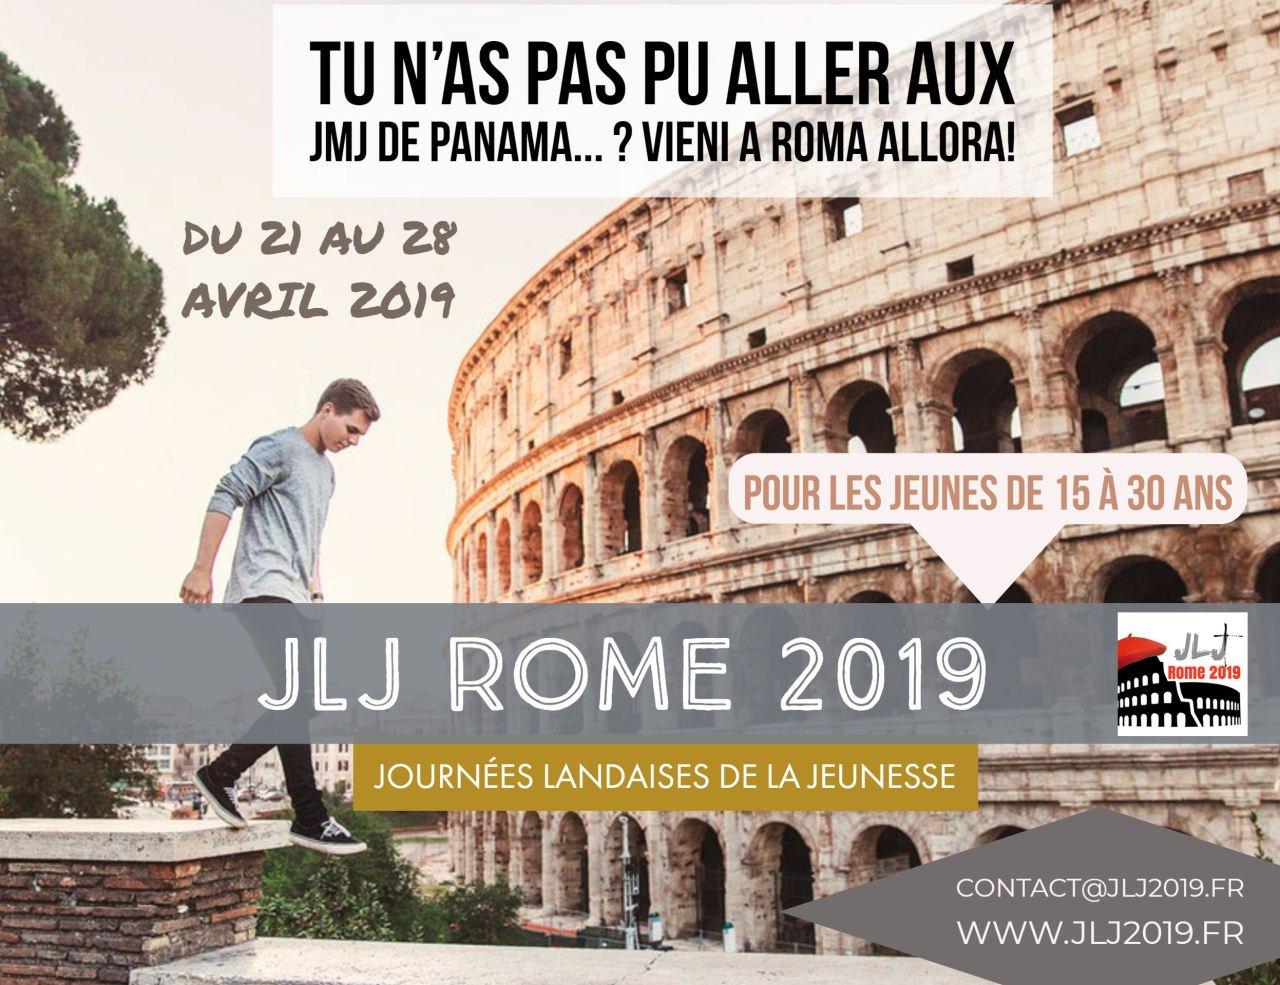 2019-JLJ ROME